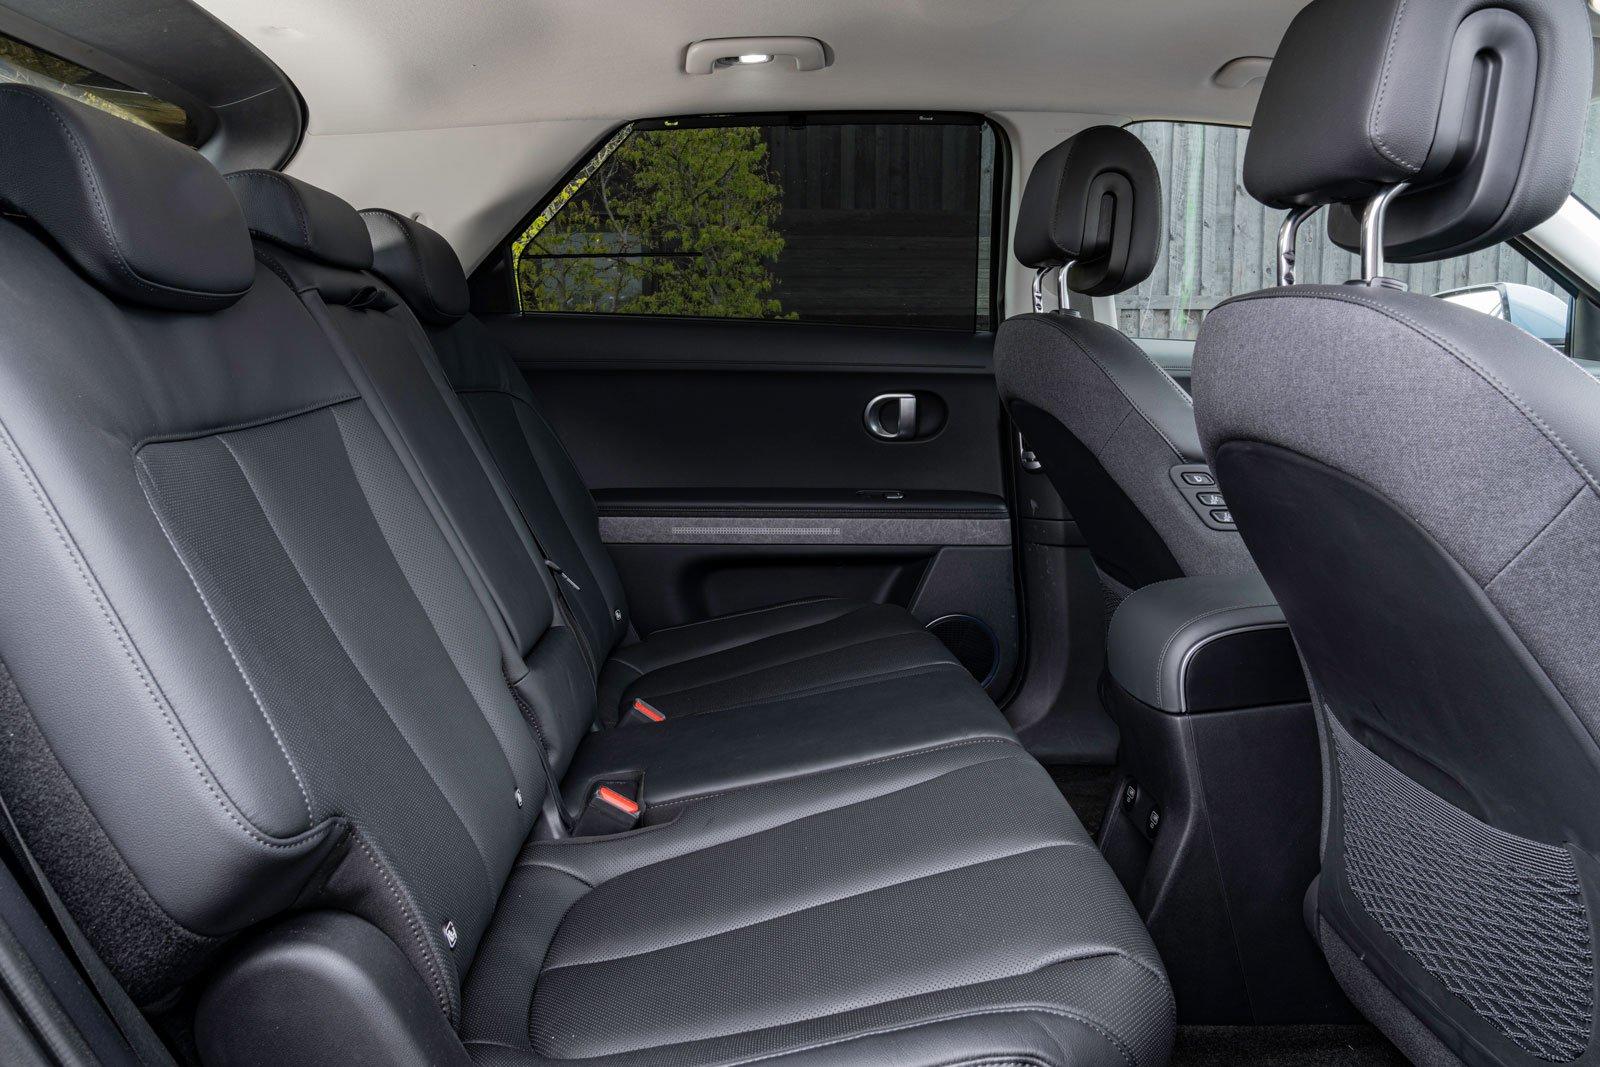 Hyundai Ioniq 5 2021 interior rear seats